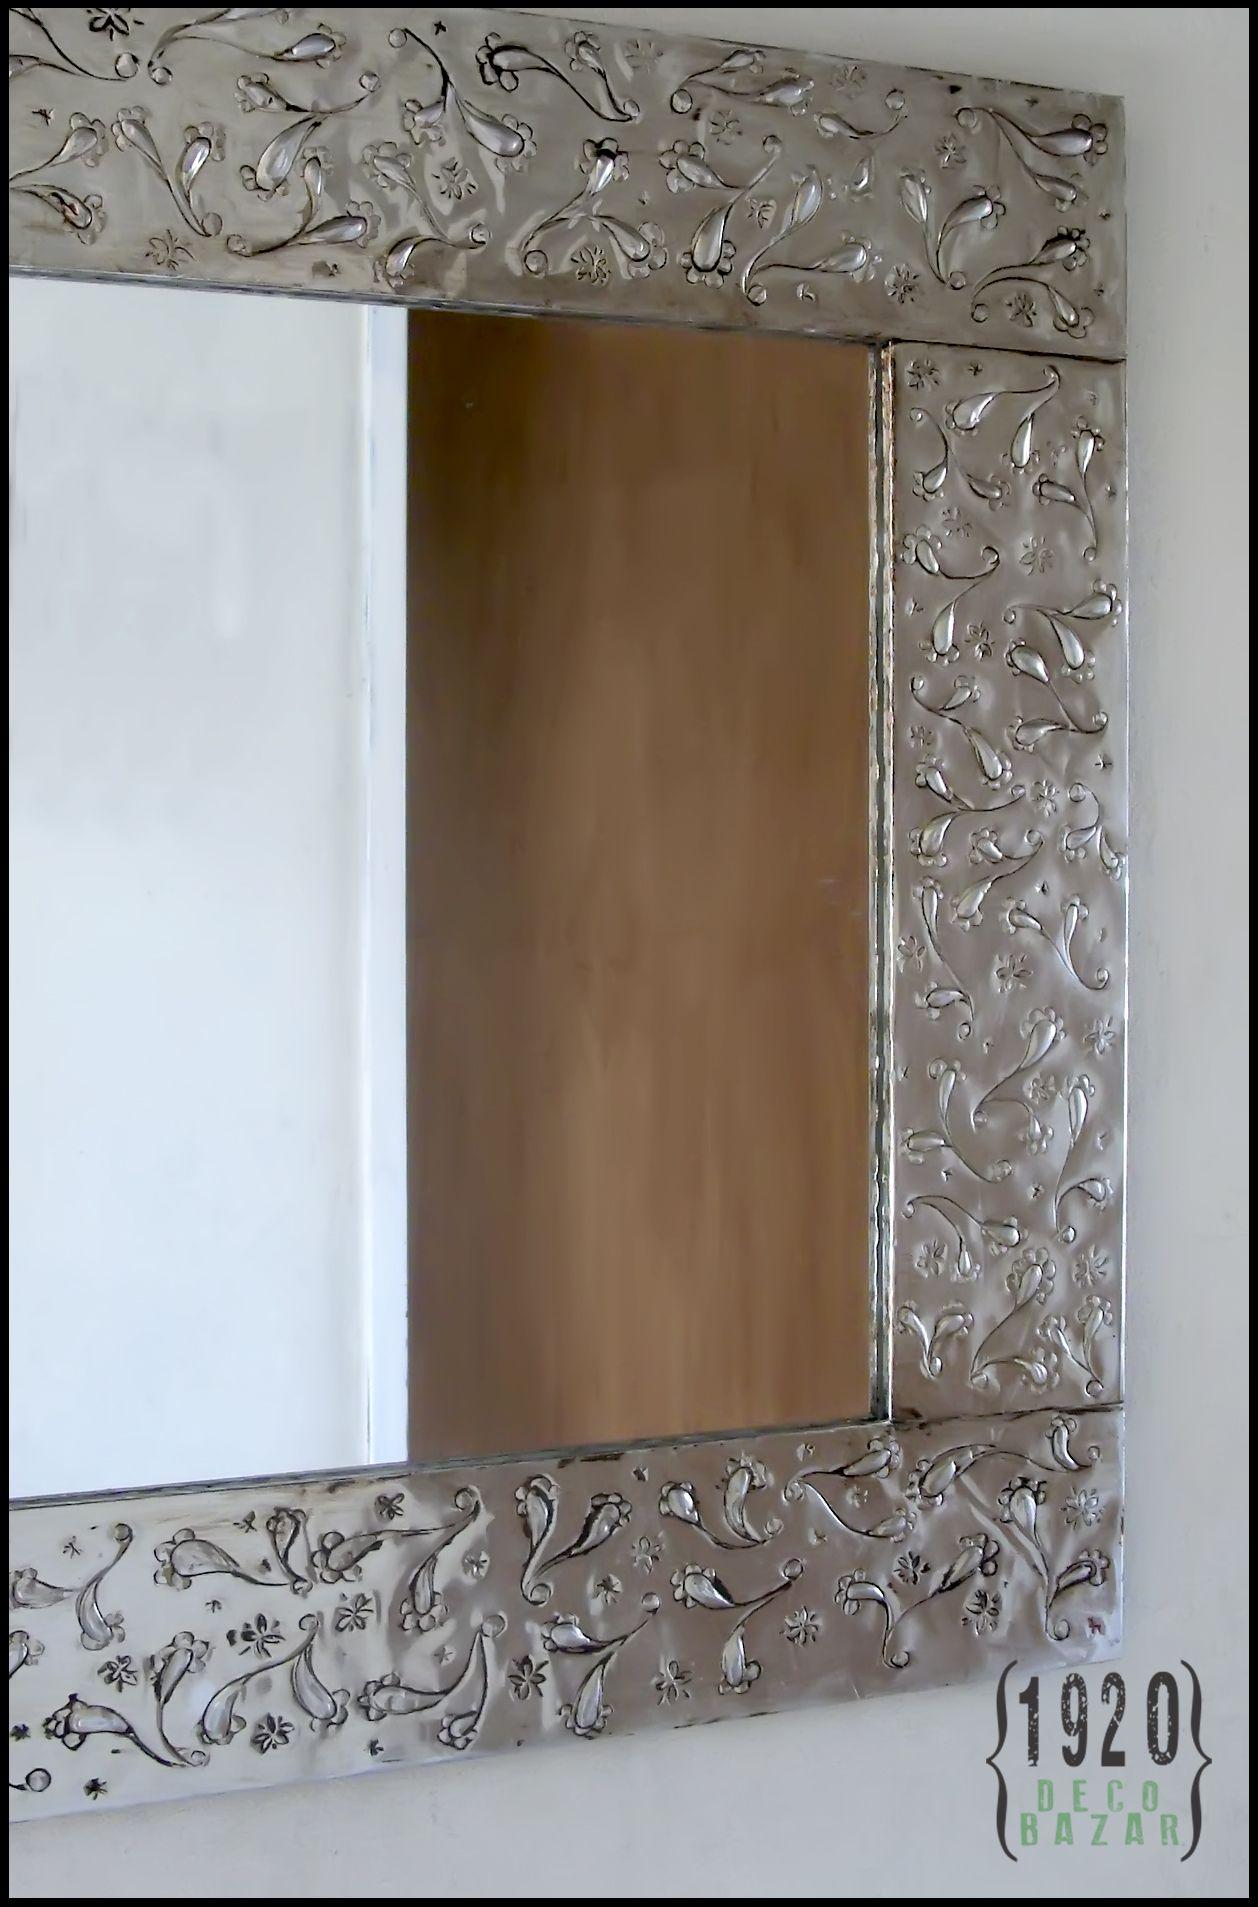 Marco espejo repujado buscar con google repujado - Espejo marco espejo ...